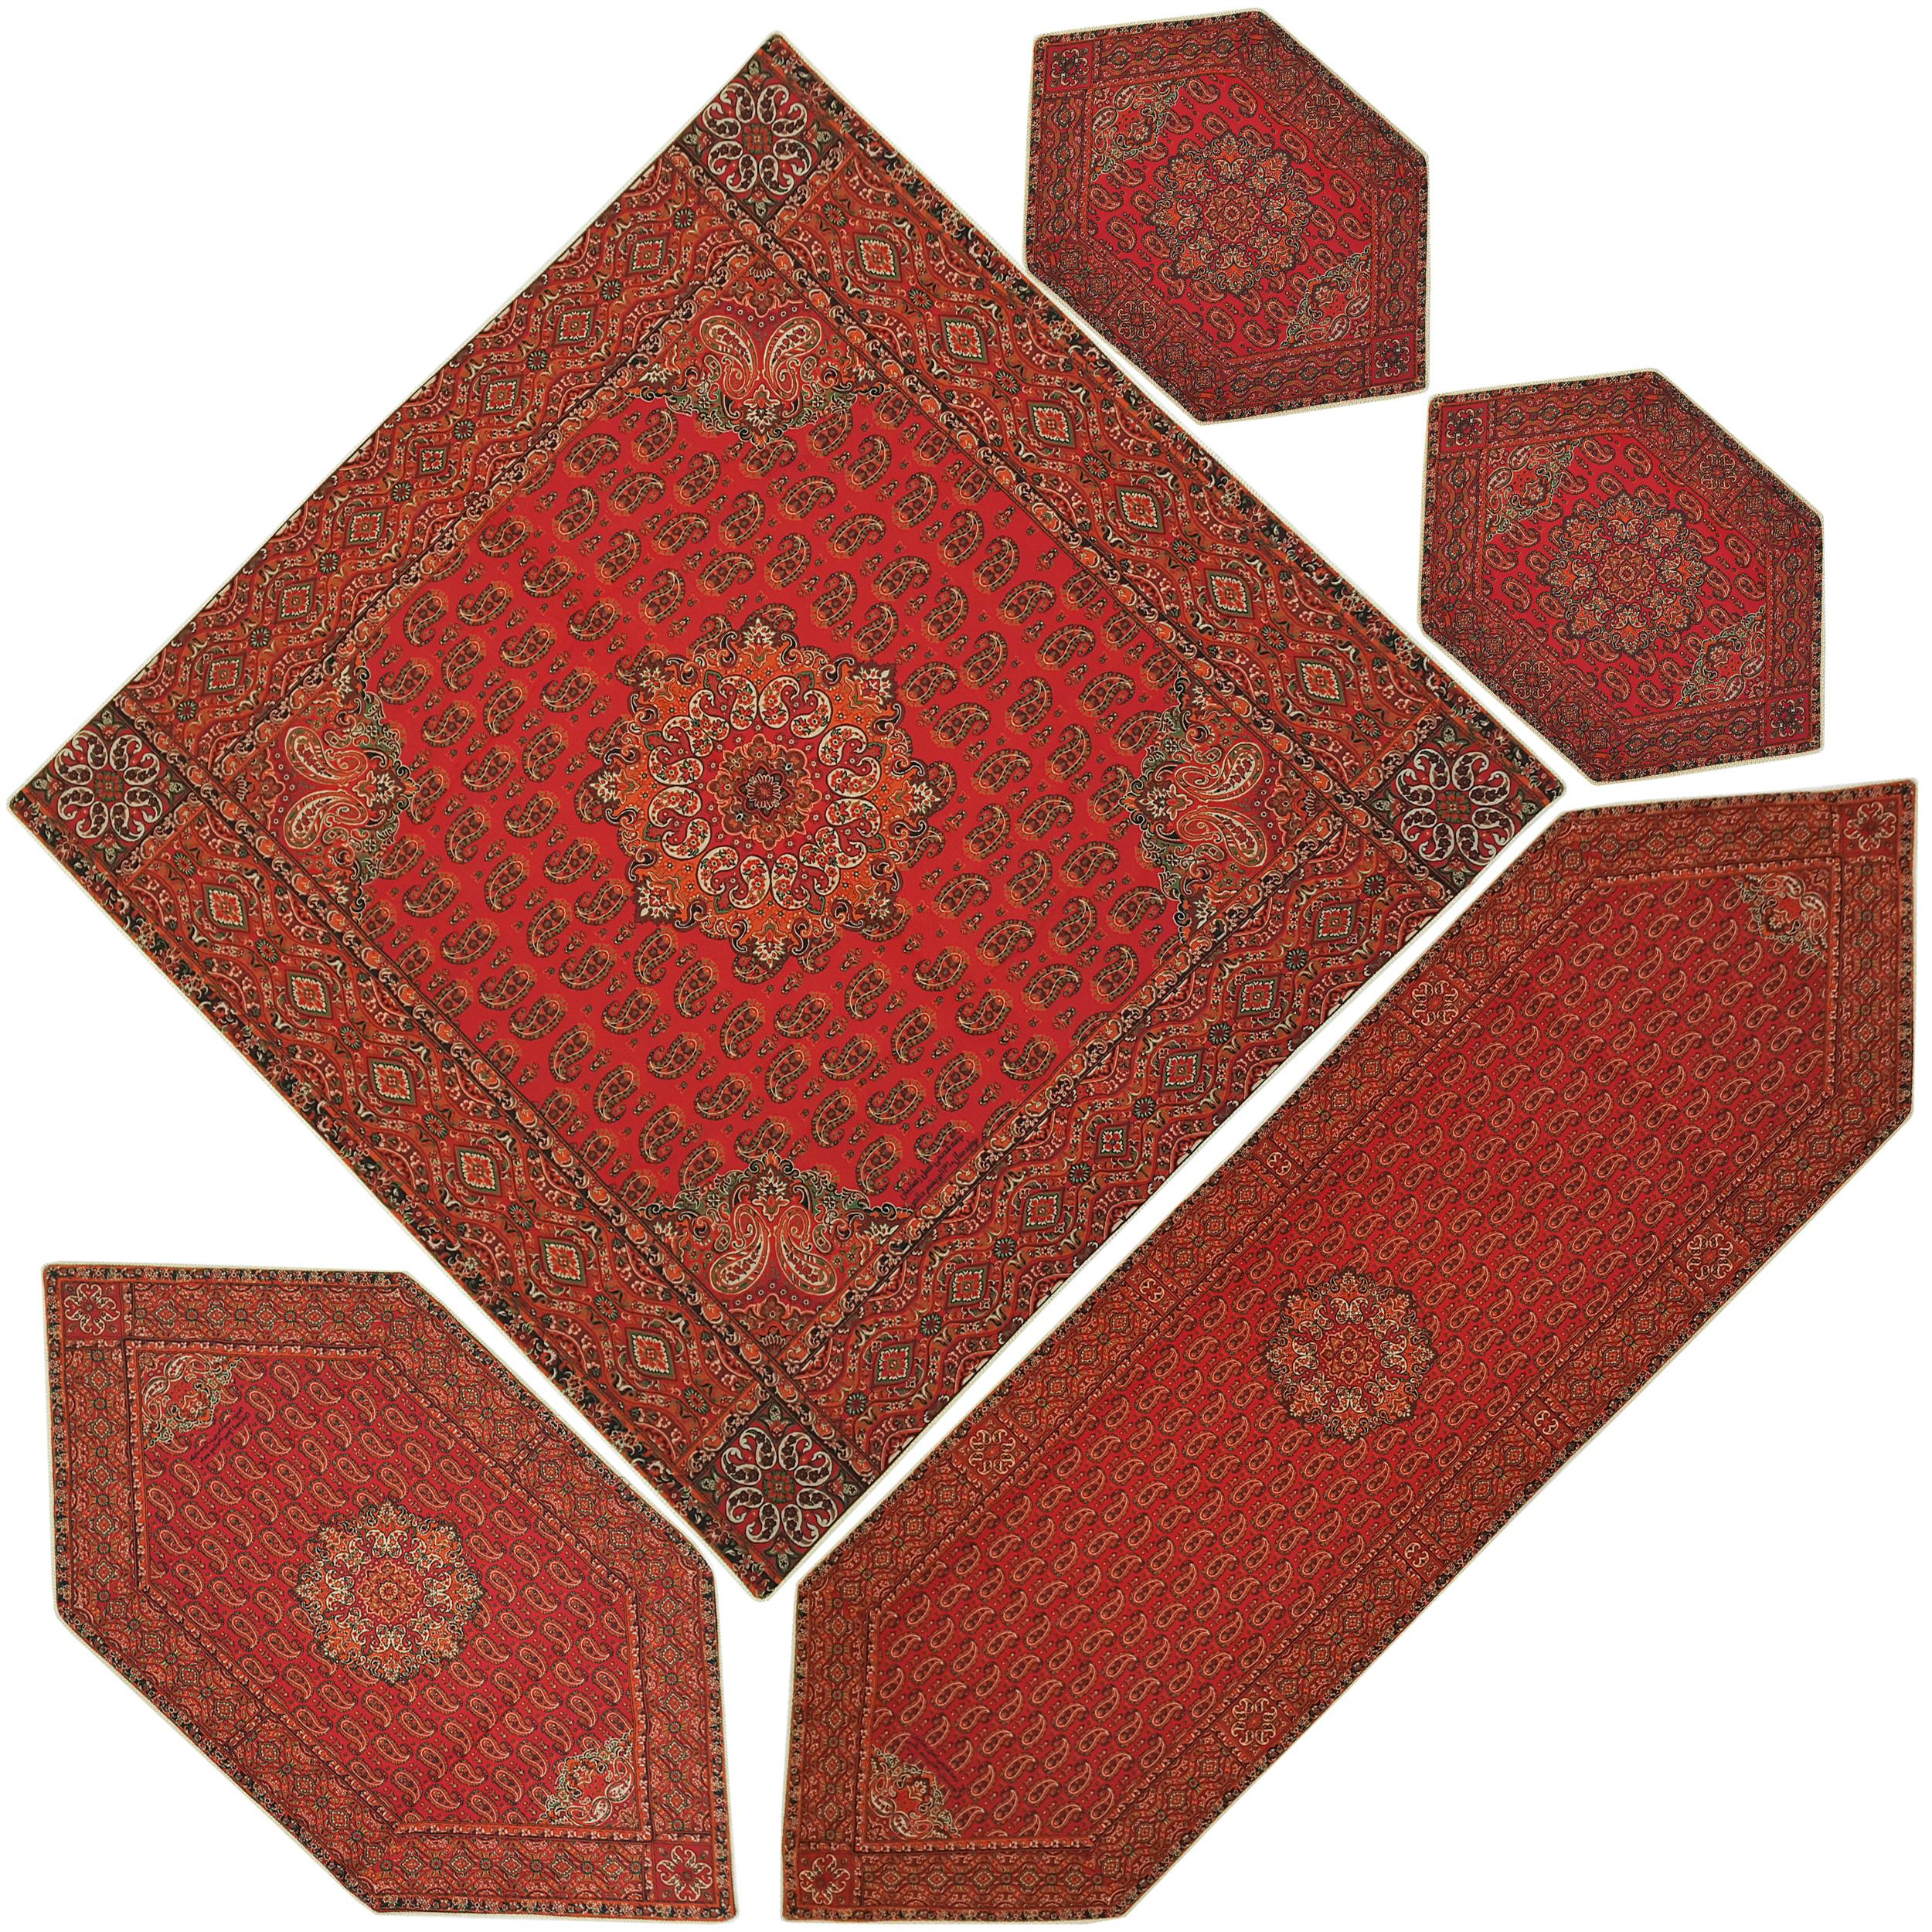 ست 5 تکه رومیزی ترمه ابریشمی یزد طرح قاجار